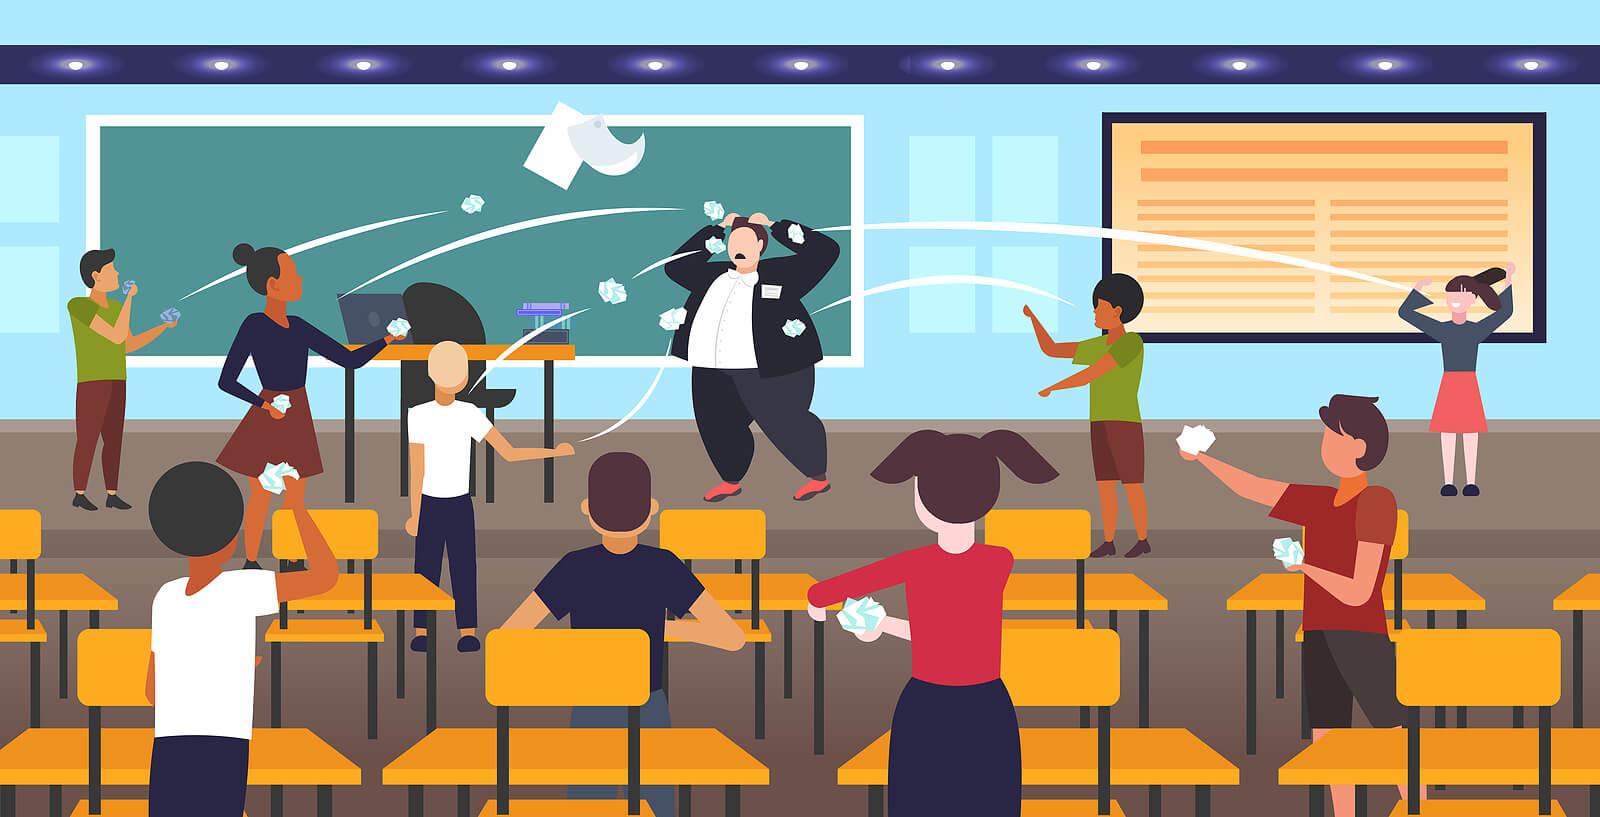 Un profesor sufre bullying por parte de sus alumnos.